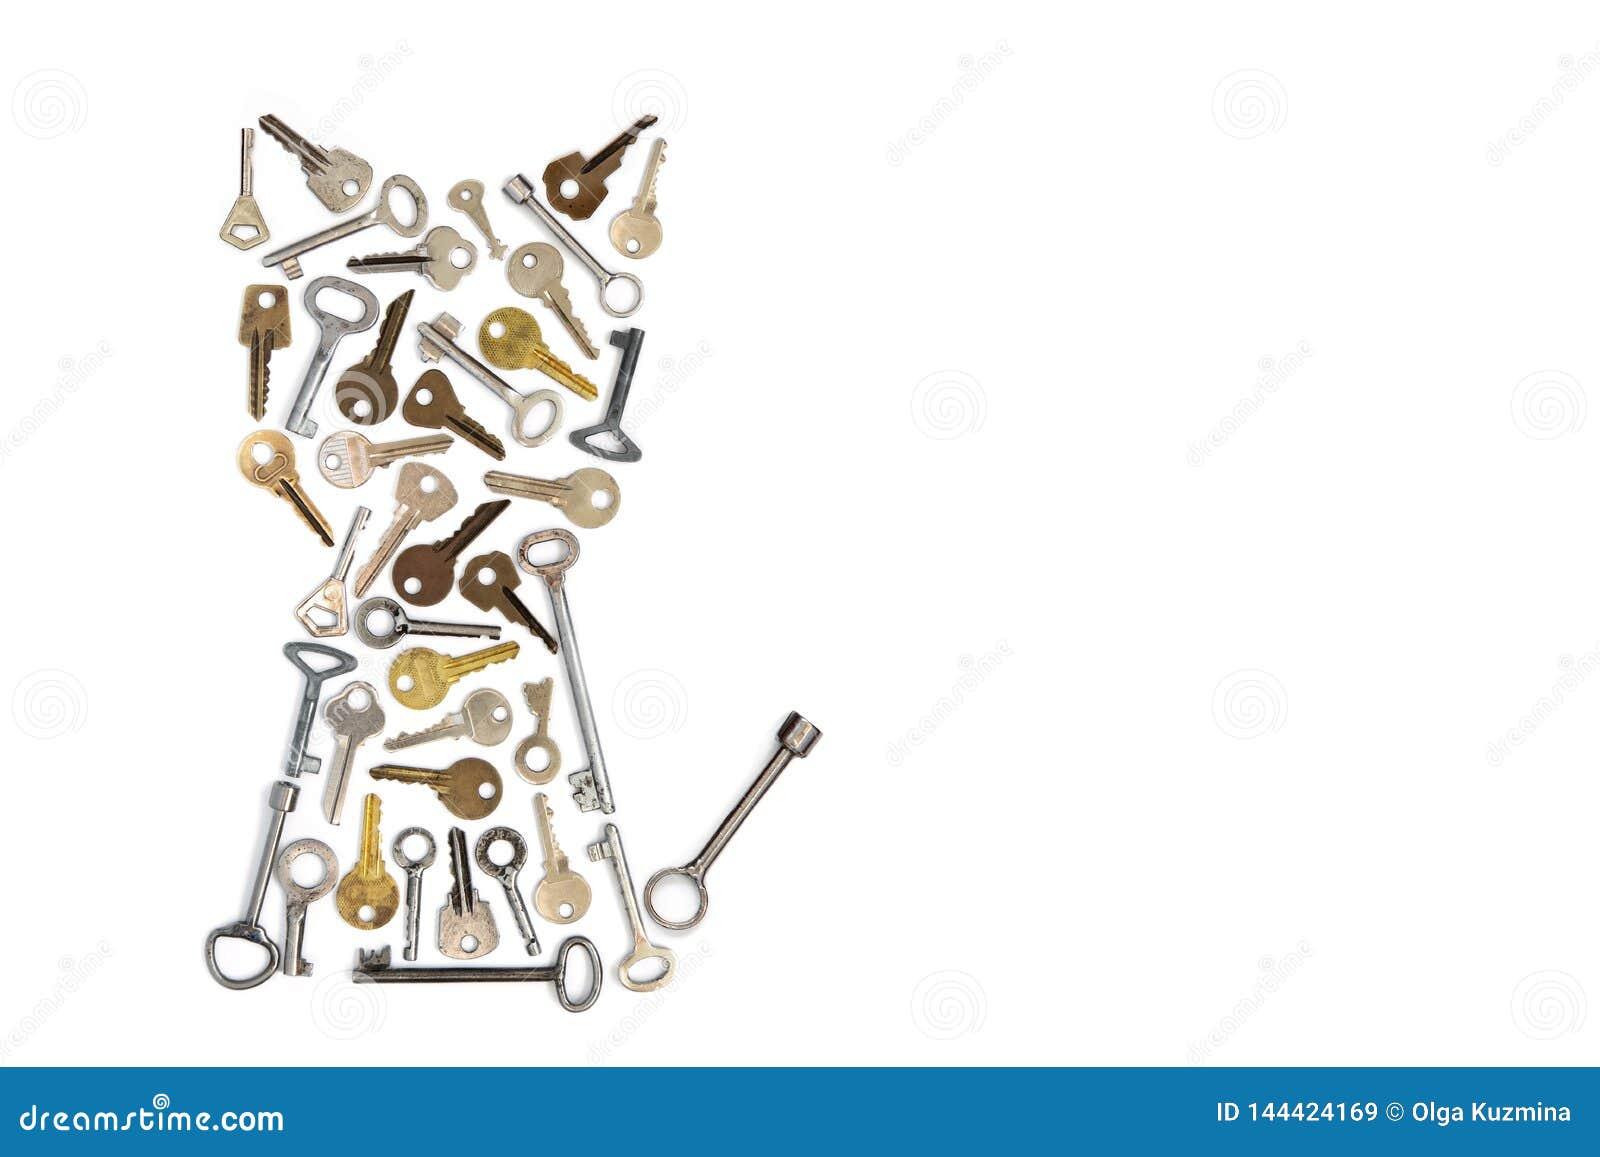 Αριθμός γατών φιαγμένος από κλειδιά απομονωμένο στο λευκό υπόβαθρο Εννοιολογική φωτογραφία Θέση για την εγγραφή σας